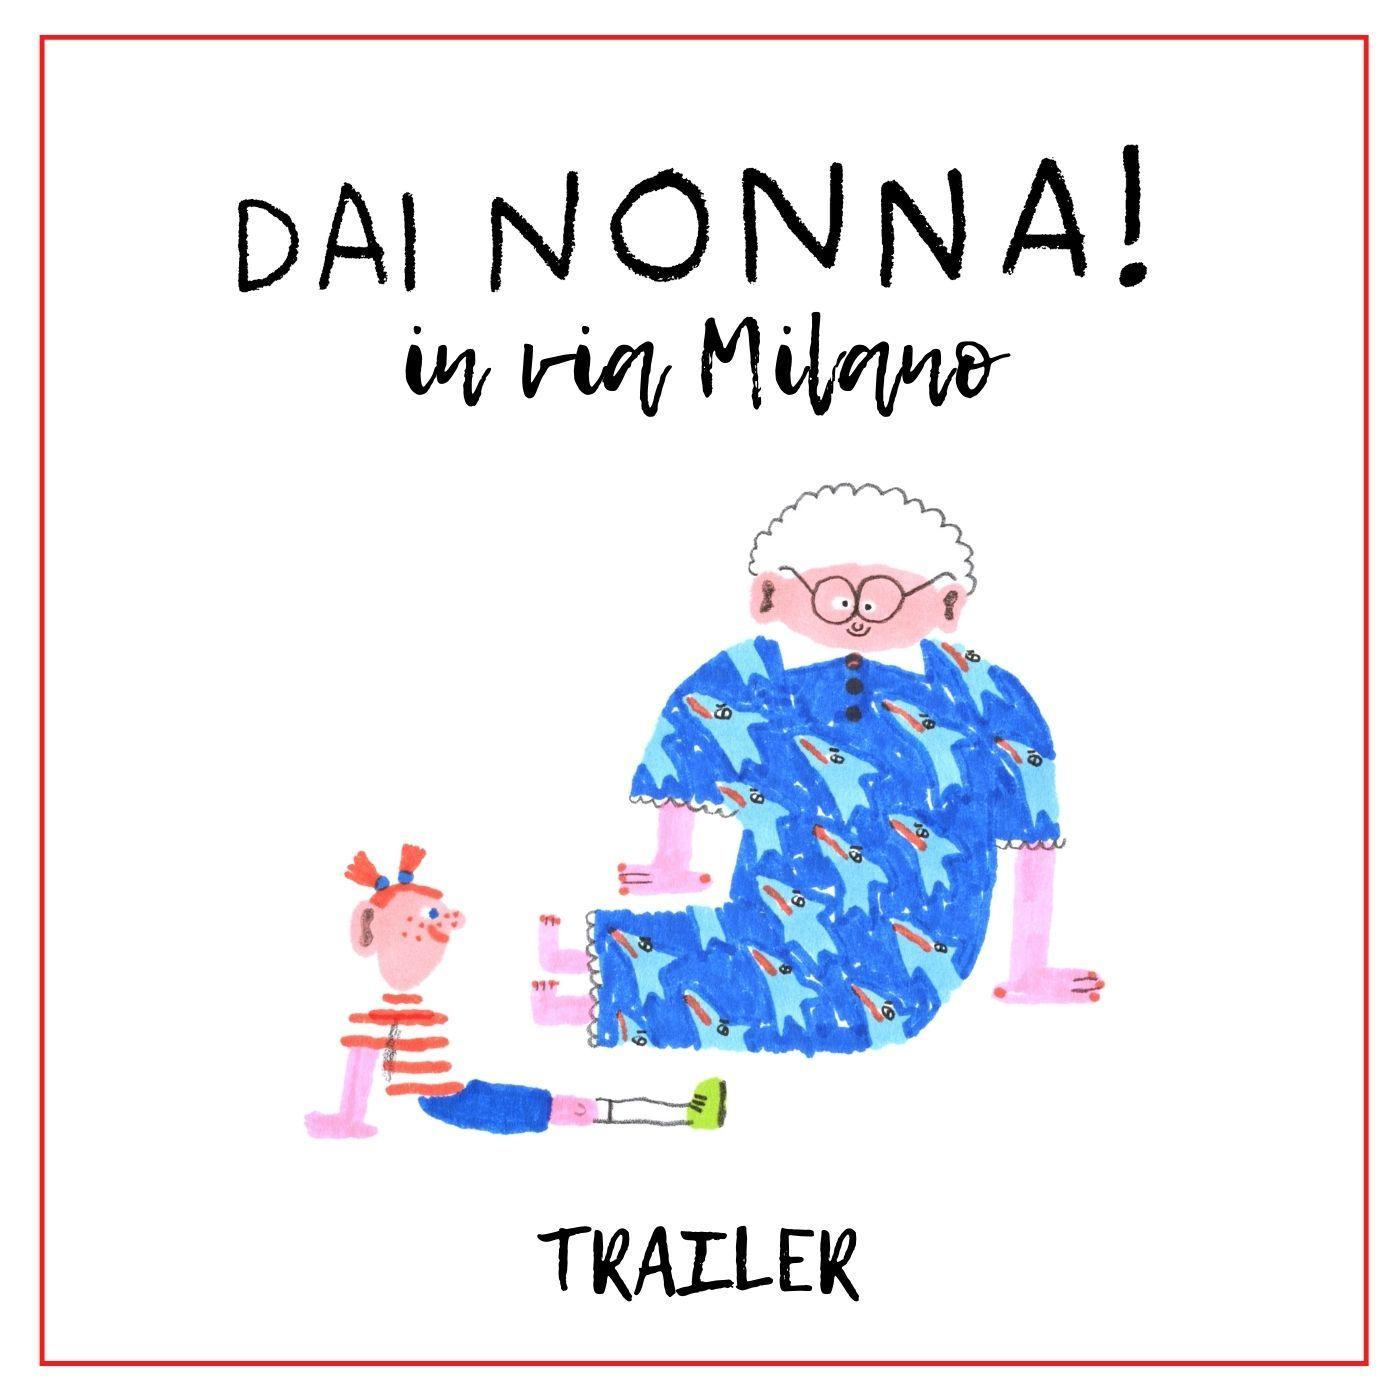 DAI NONNA in via Milano - trailer